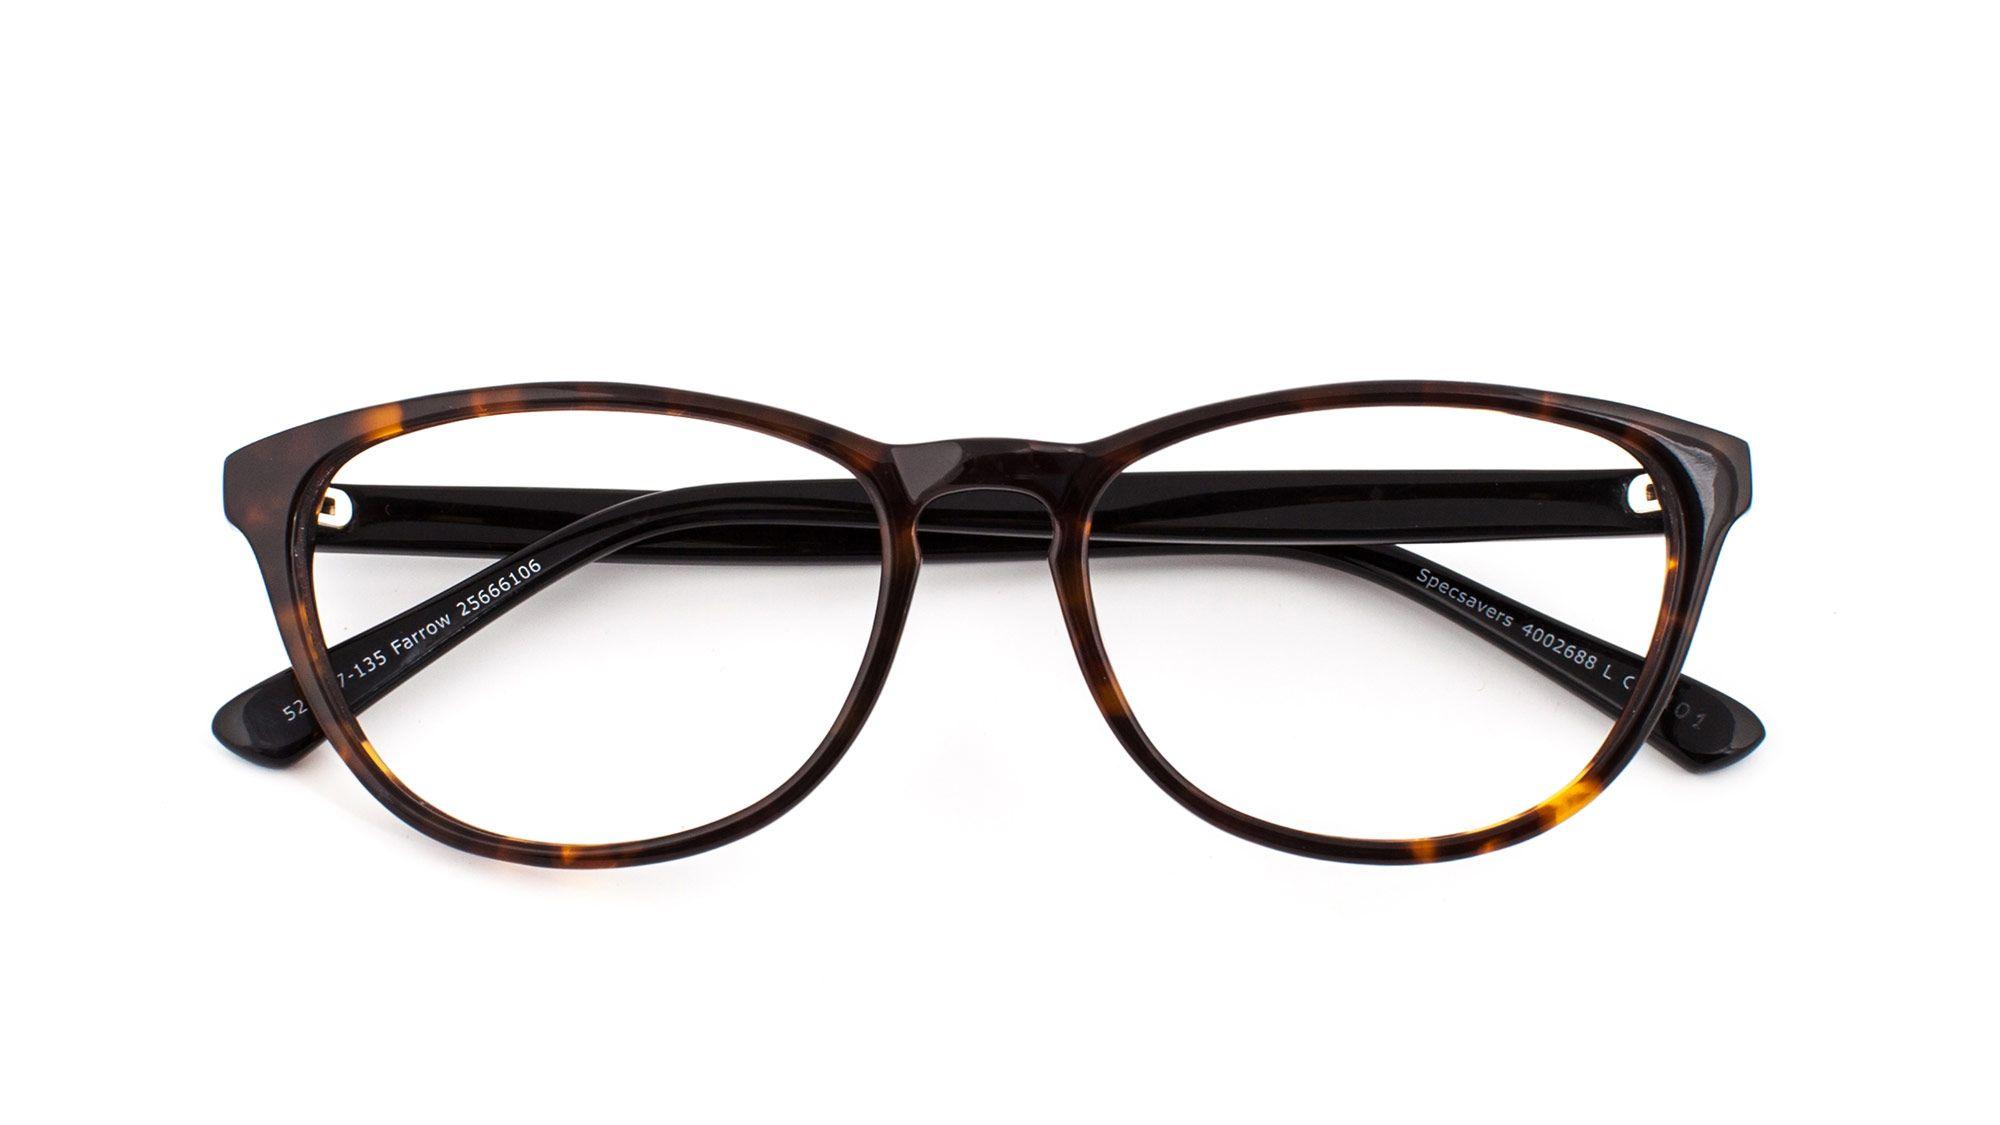 Farrow Brillen Op Specsavers Specsavers Brillen